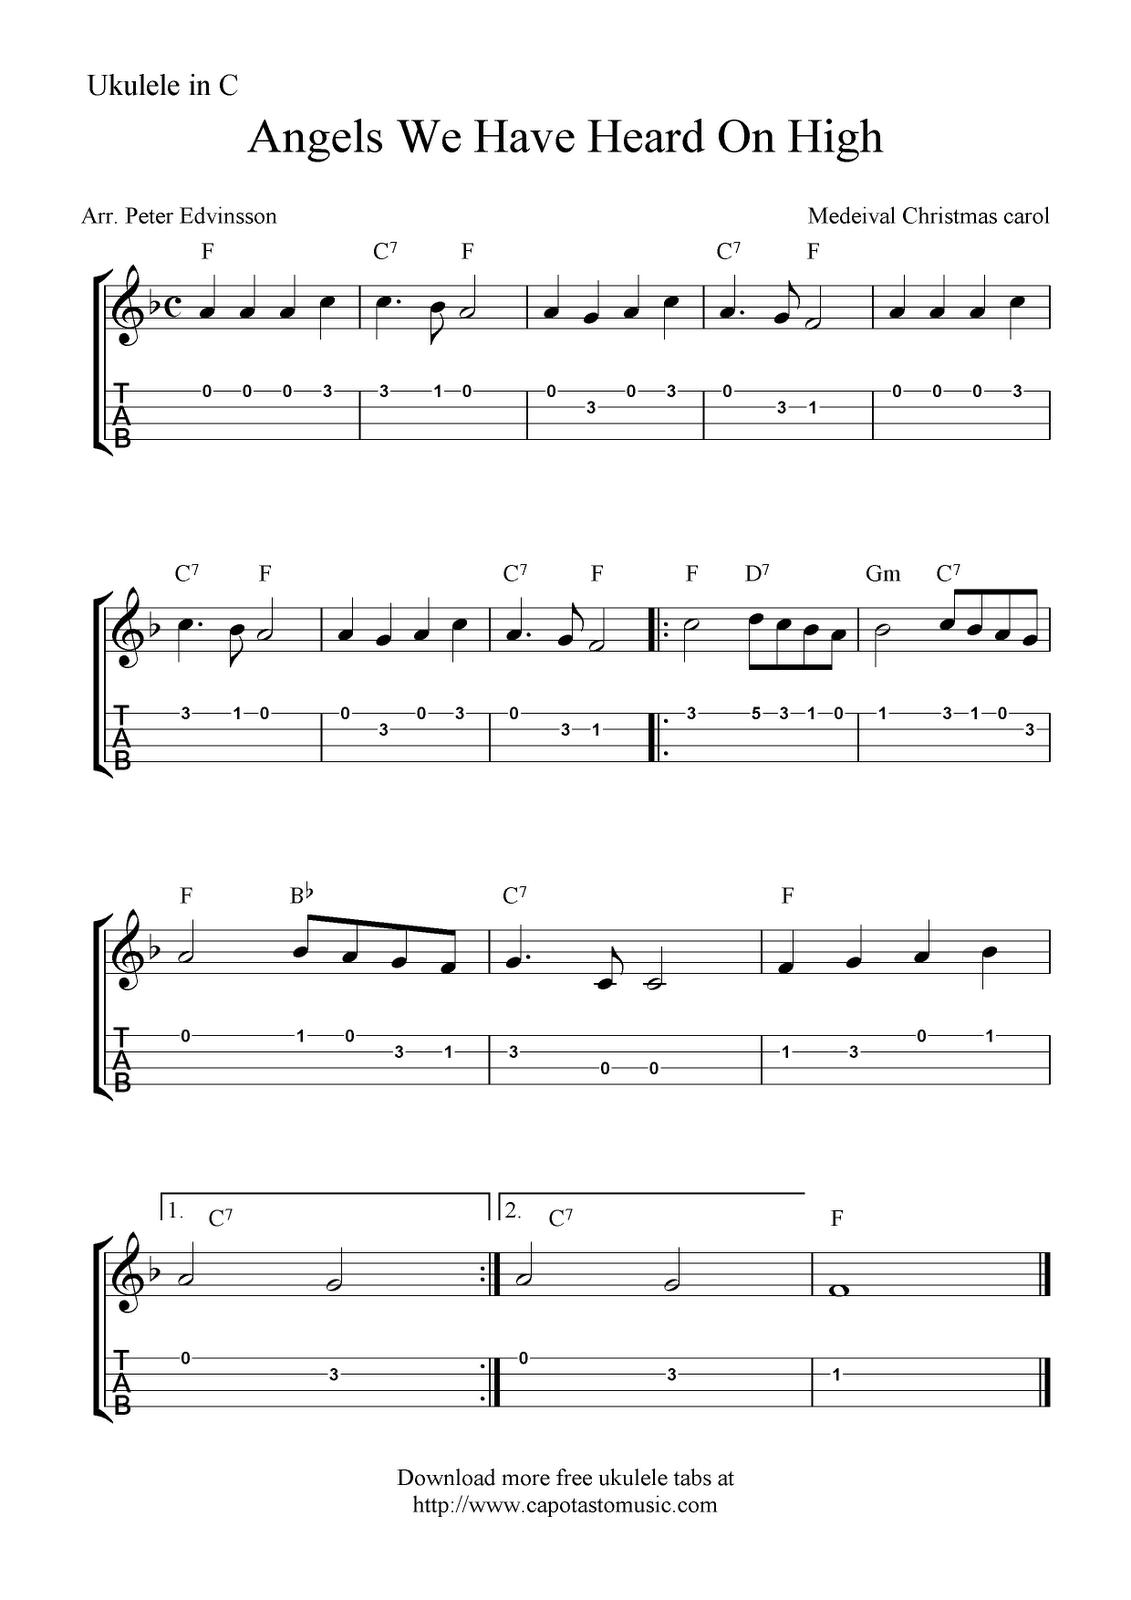 Angels We Have Heard On High Ukulele Sheet Music